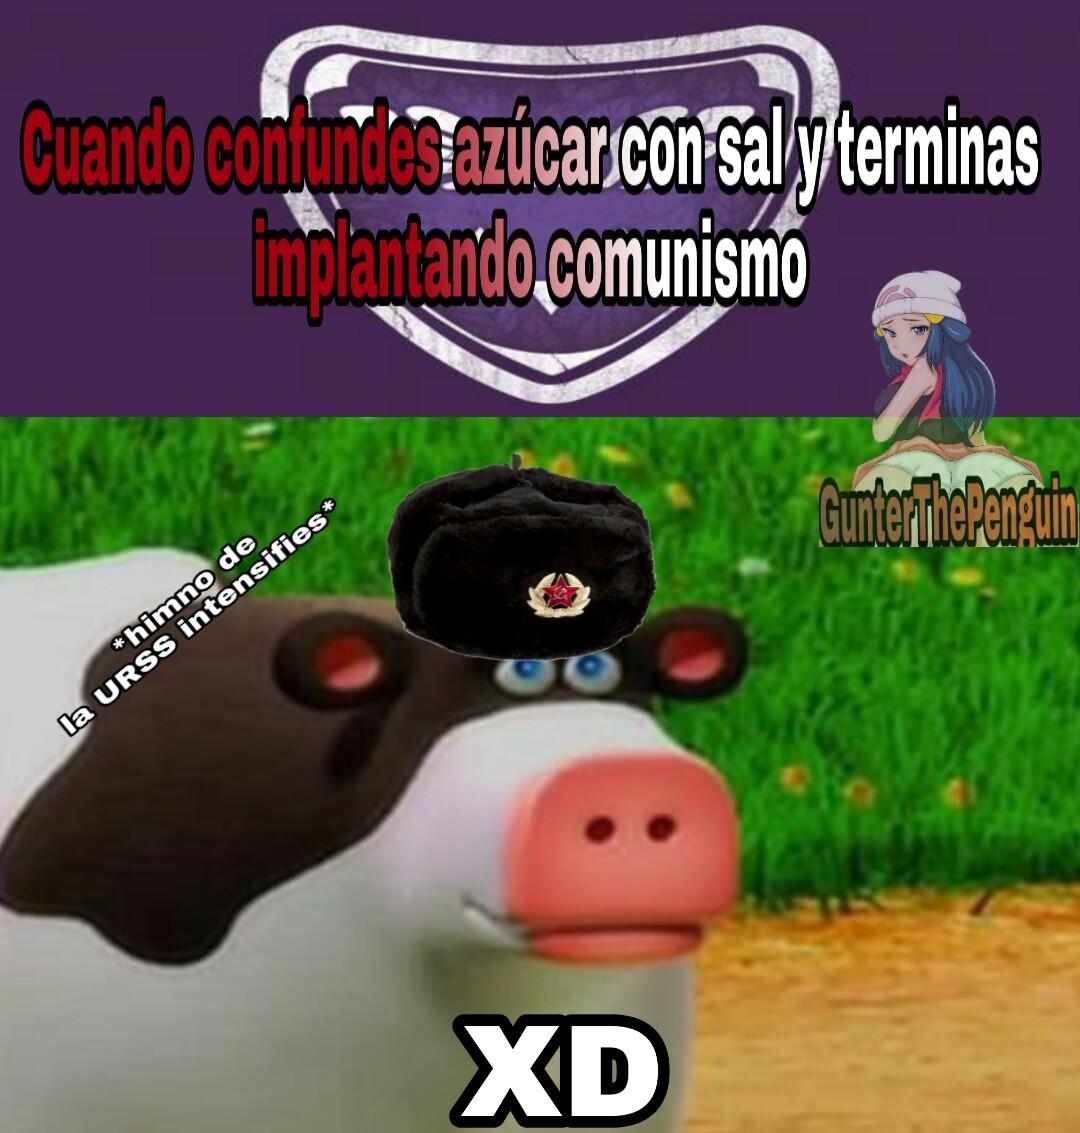 comunismo X''D - meme